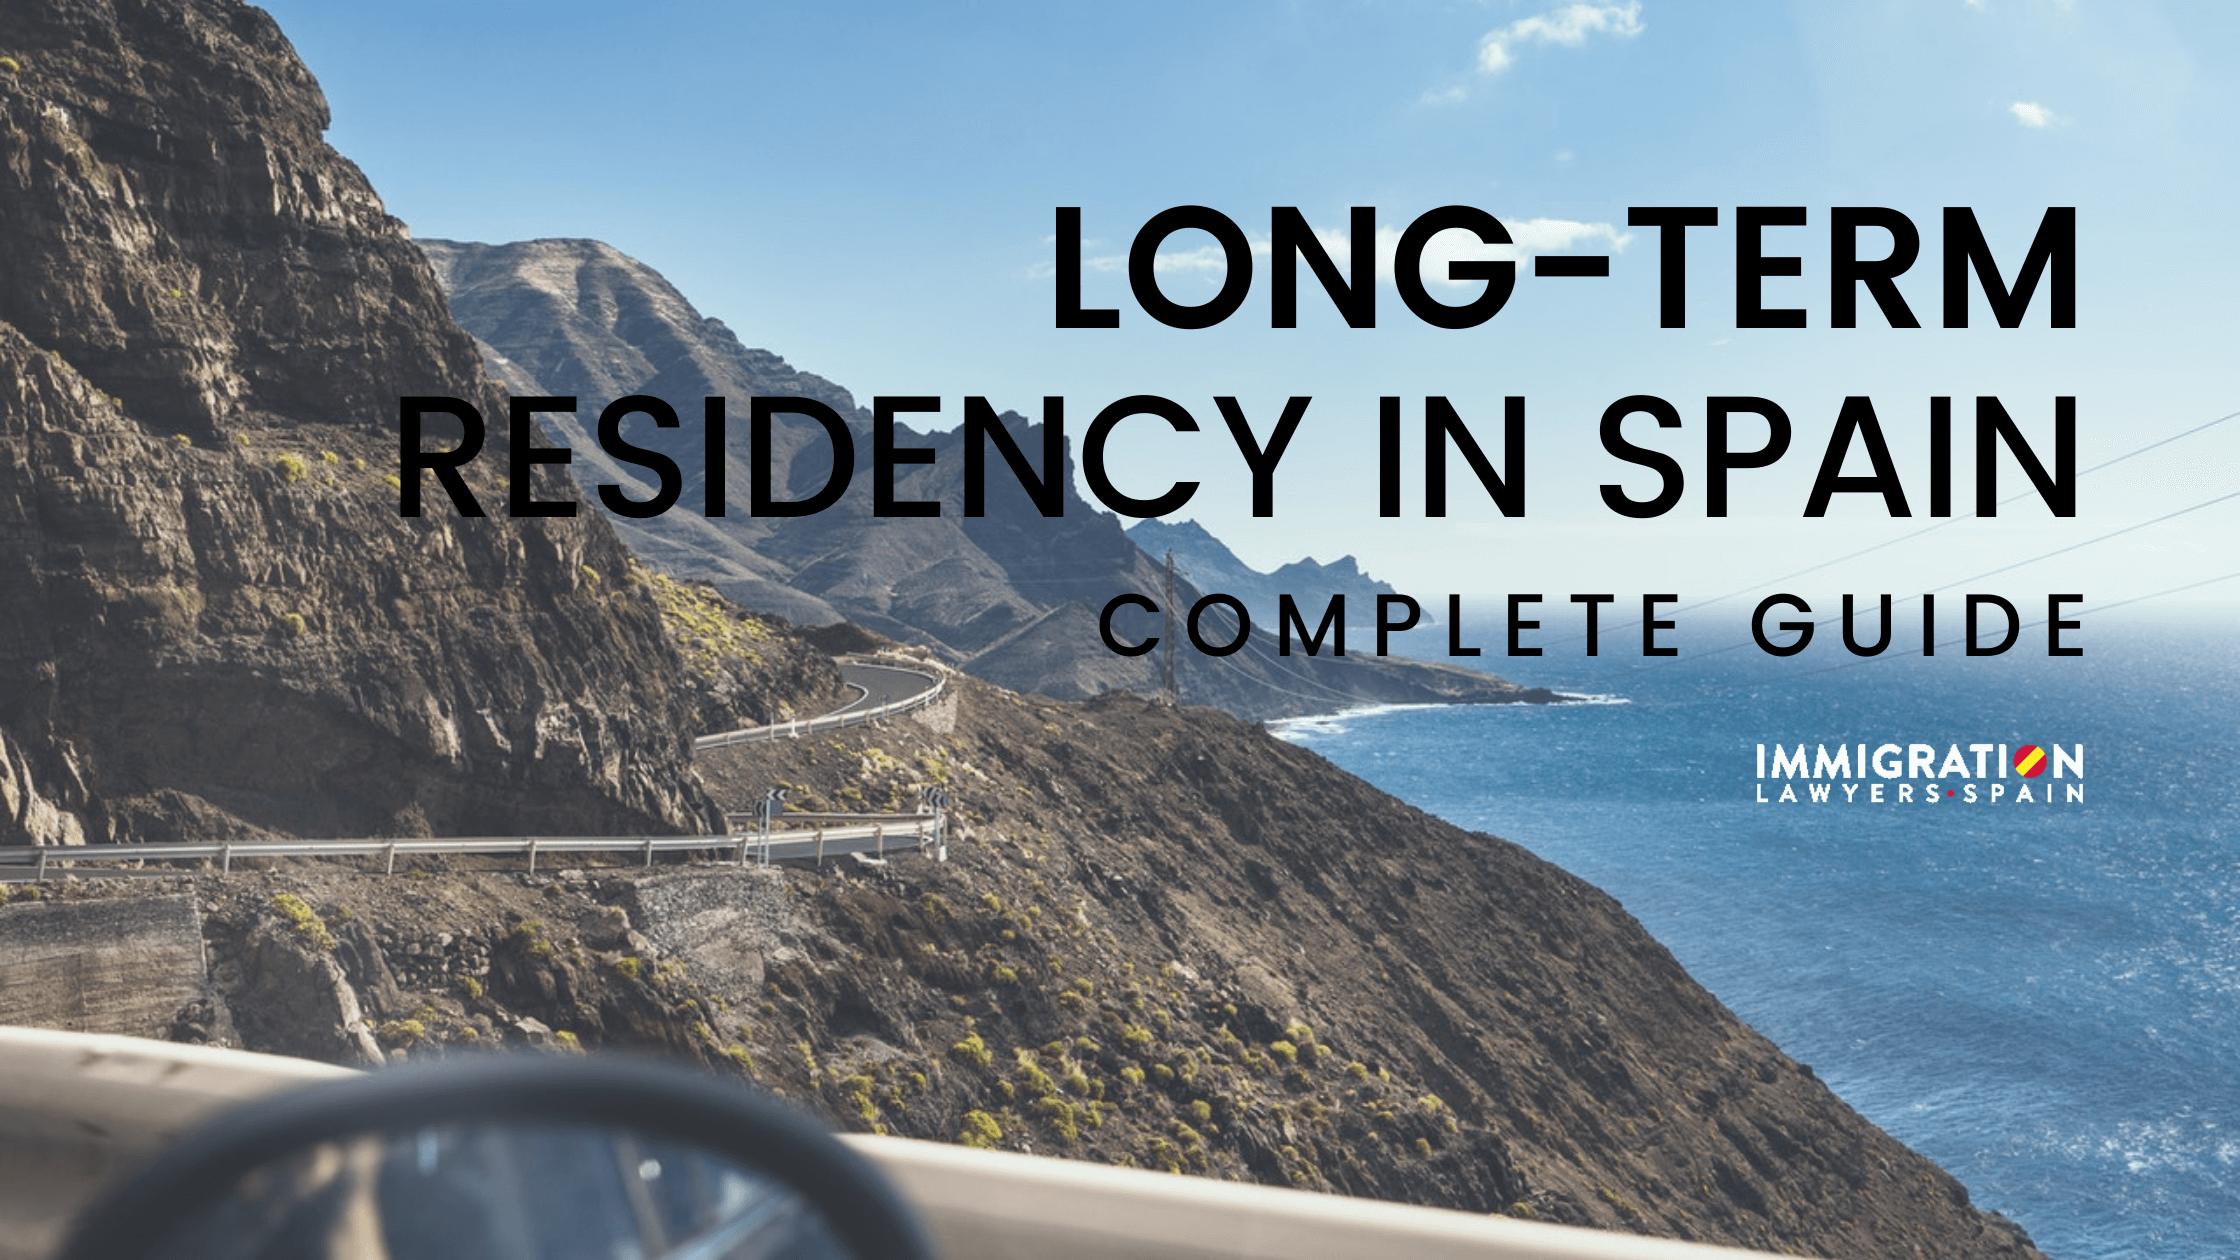 long-term residency in Spain